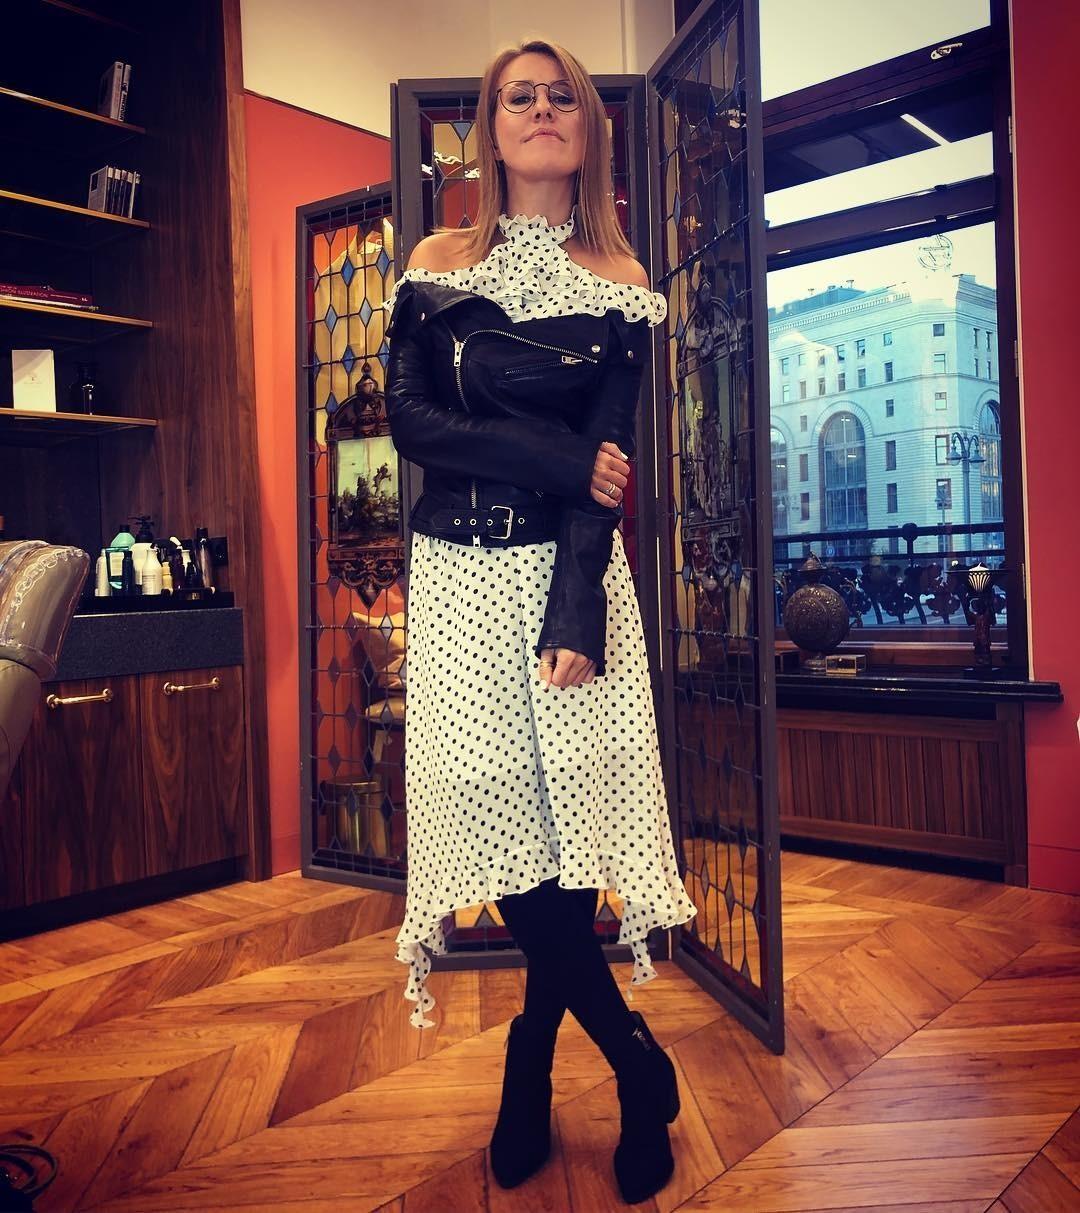 Телеведущая Ксения Собчак (36) любит удивлять публику своими смелыми и нетривиальными look'ами. На этот раз ей удалось удачно скомбинировать женственное платье в горошек и дерзкую кожаную...